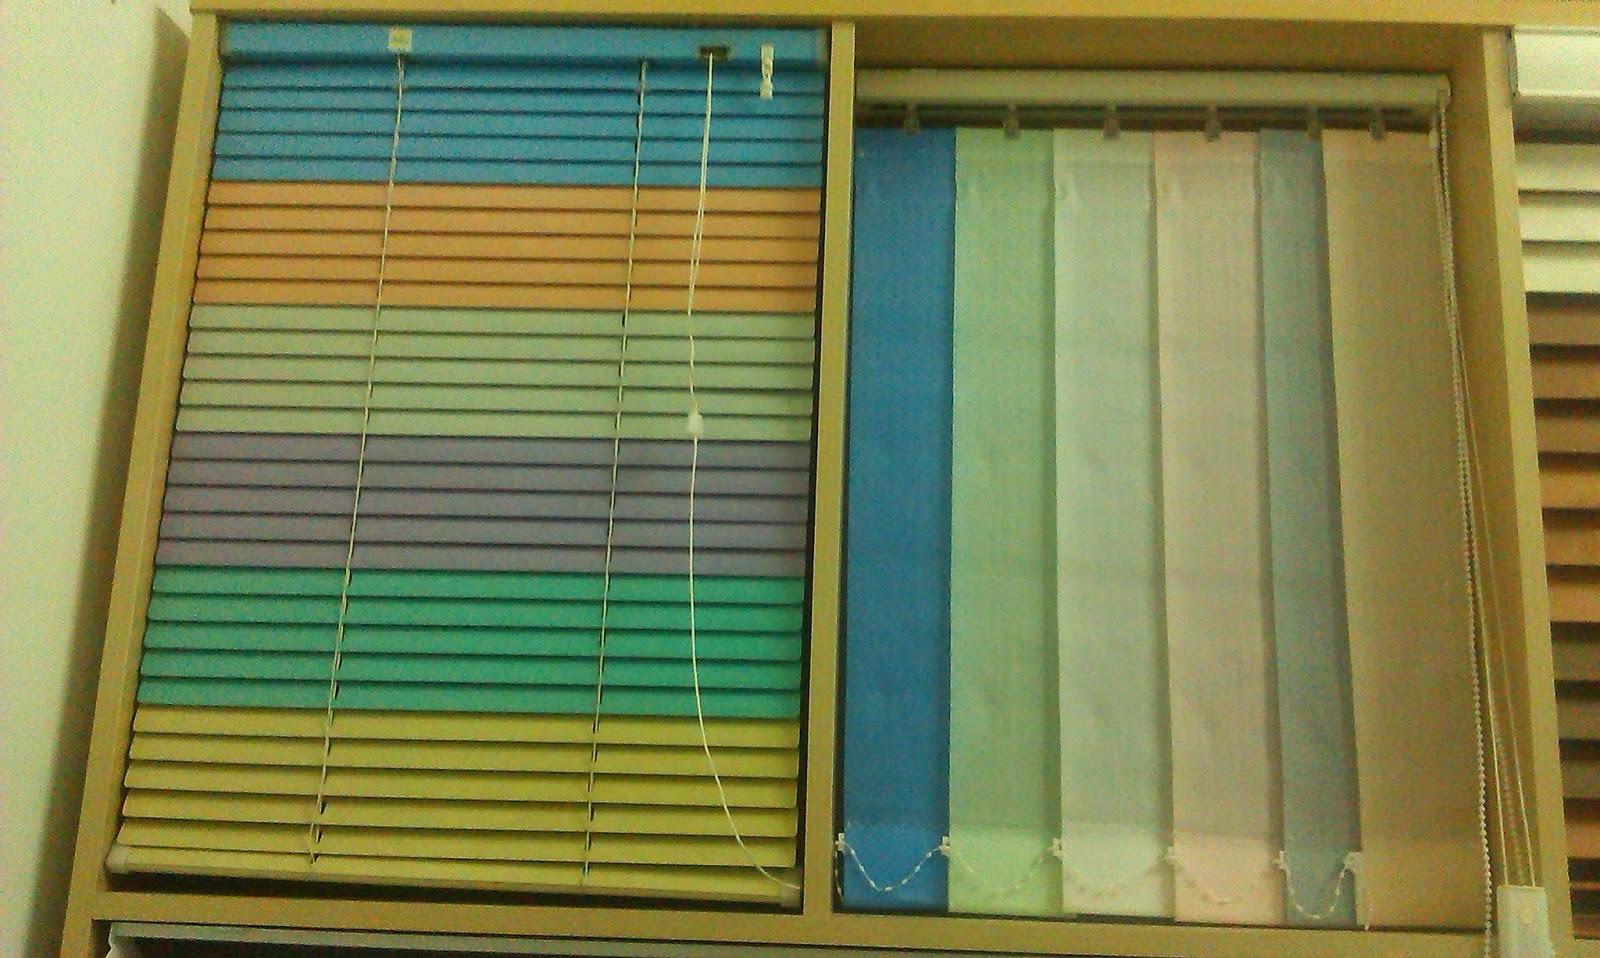 Rèm nhôm cửa sổ văn phòng